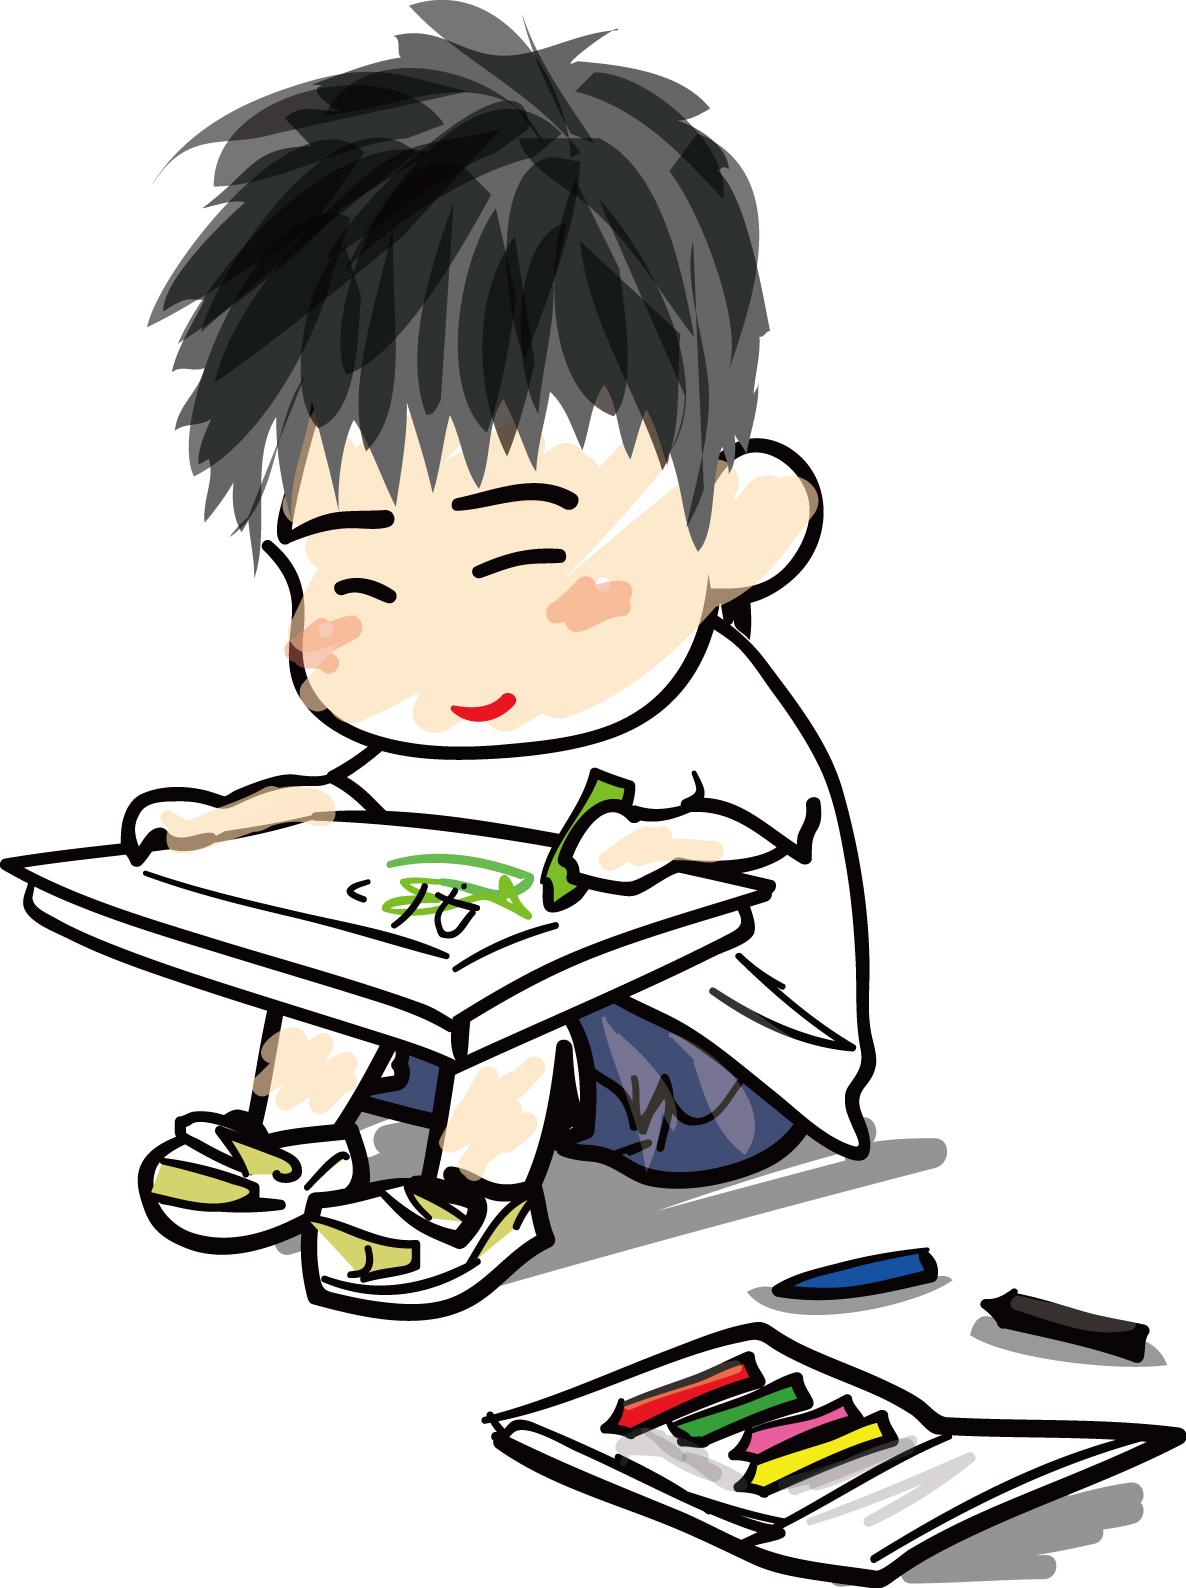 絵を描くこどもの無料イラスト素材ダウンロード|印刷素材.net